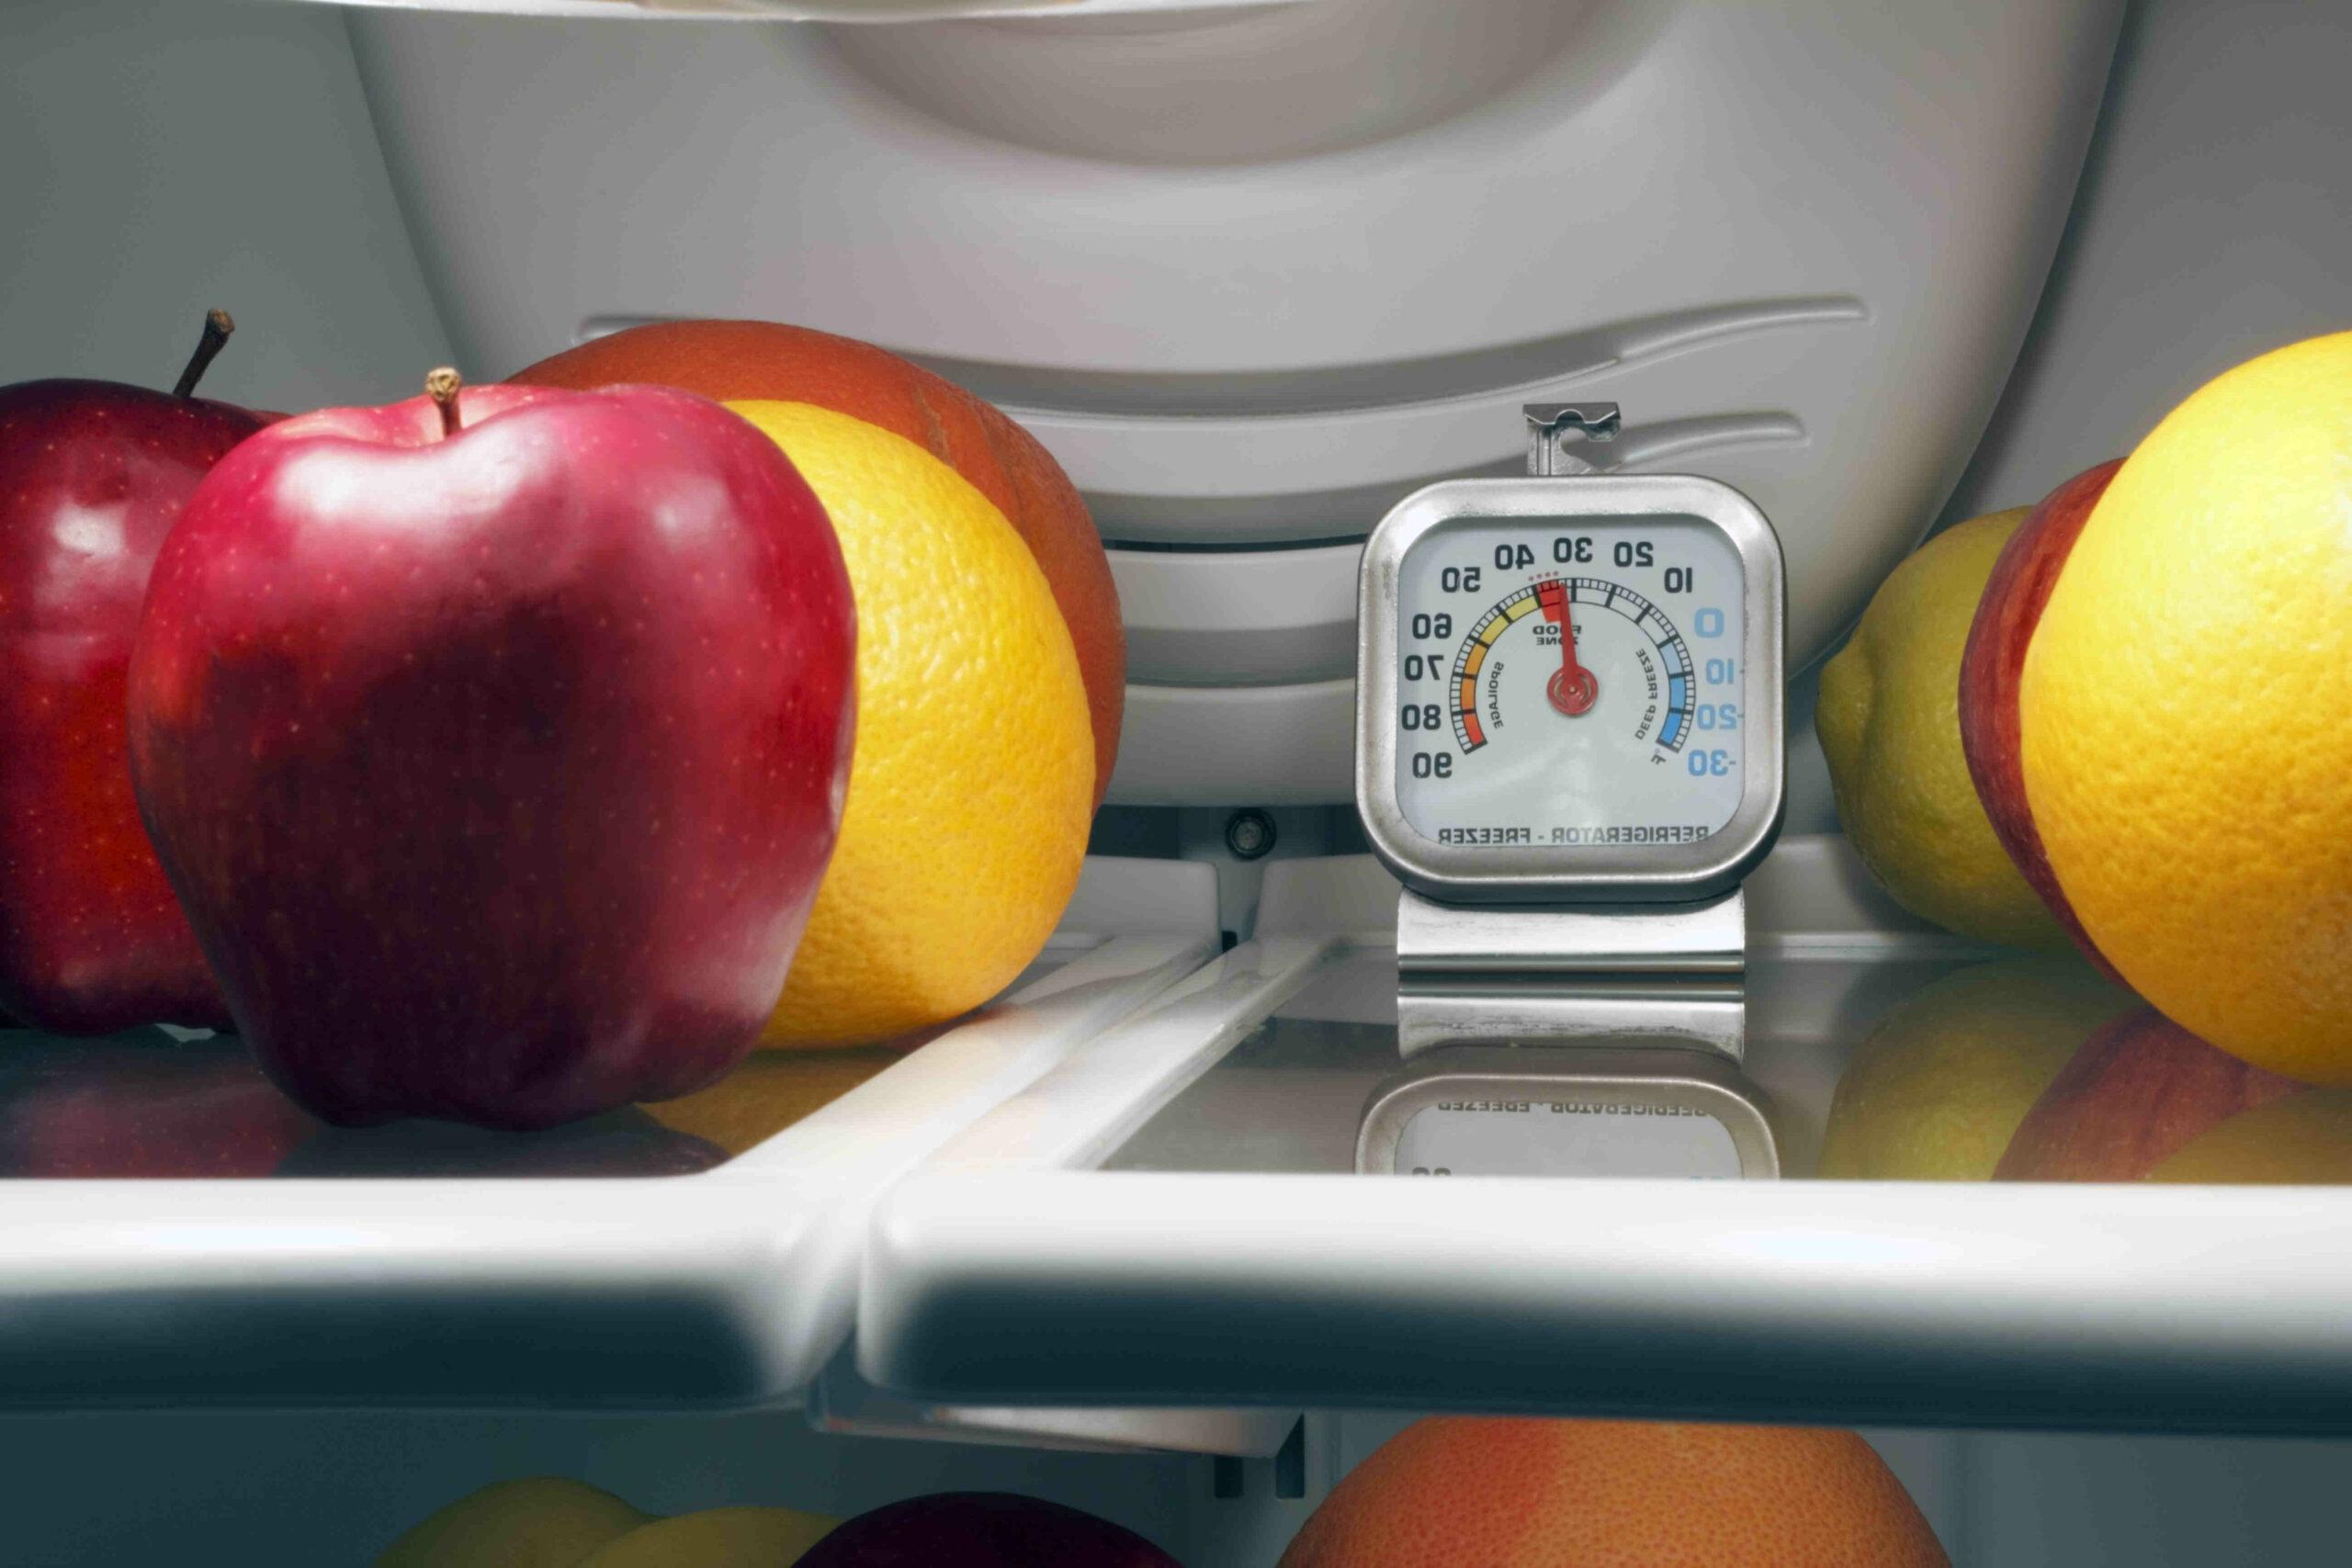 Quel est le compartiment le moins froid du frigo ?